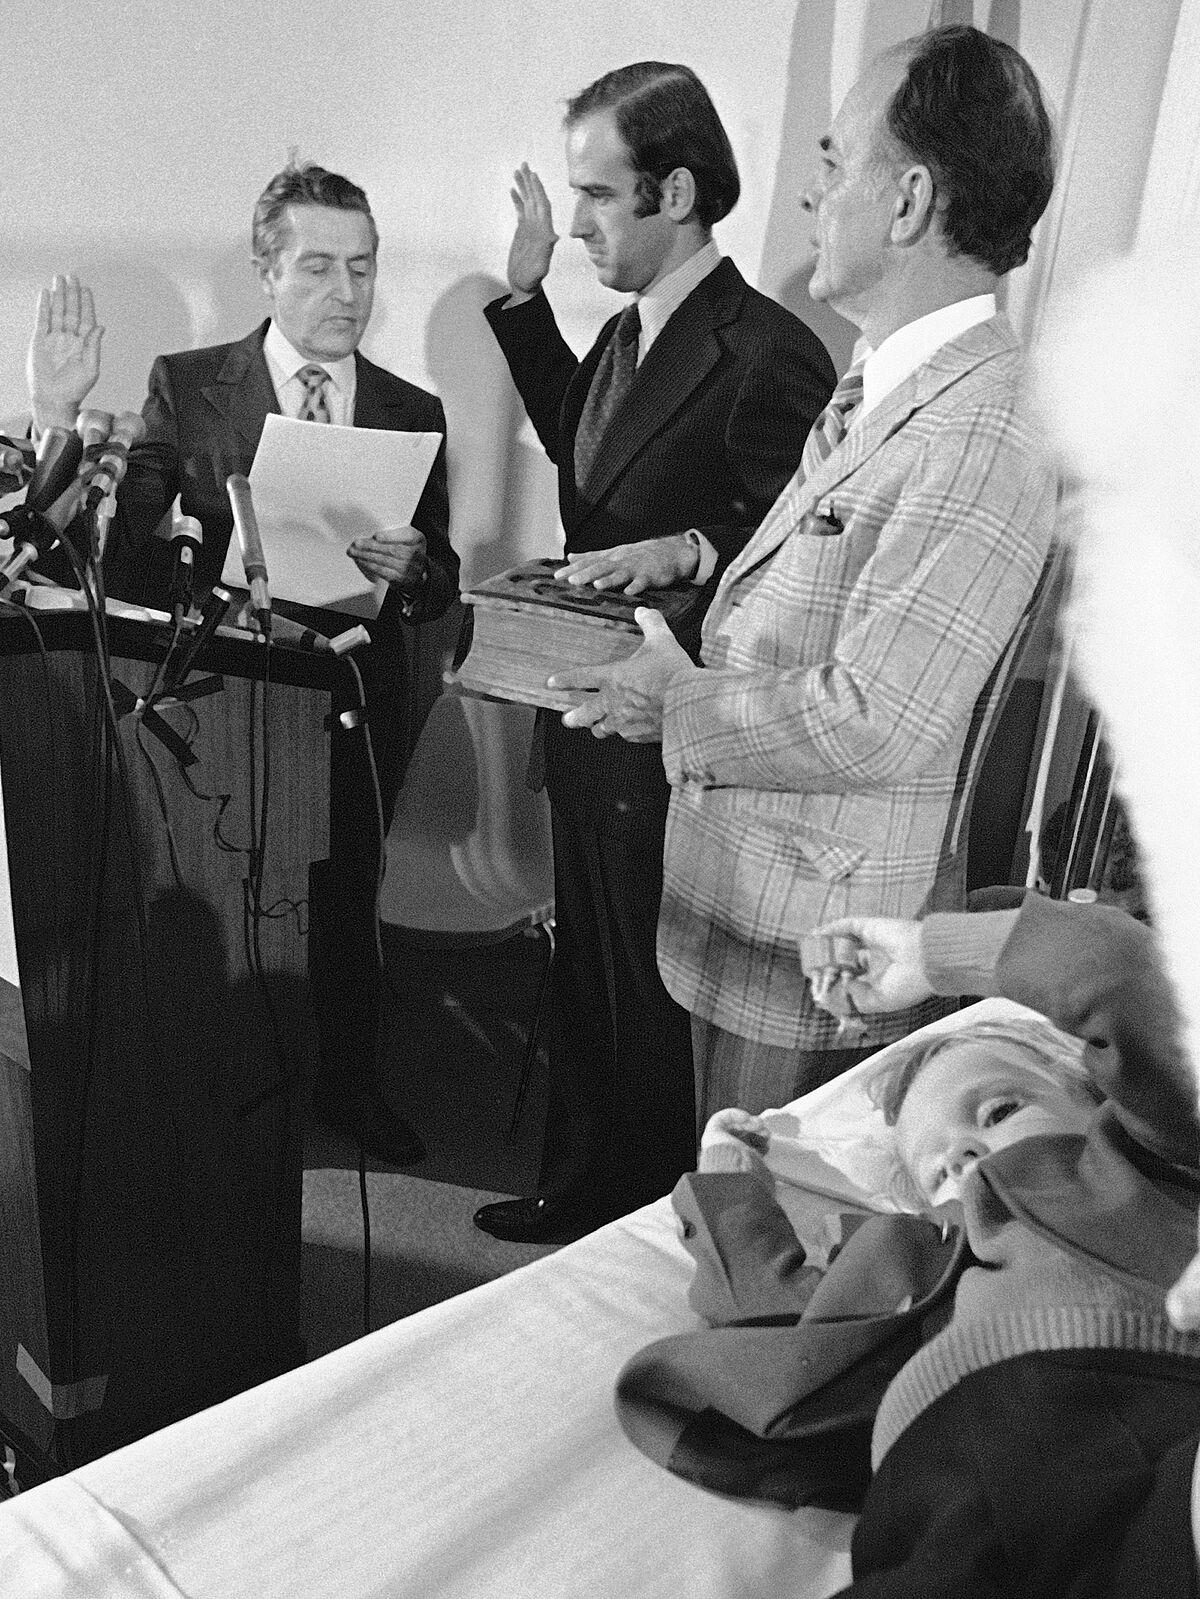 Tháng 1/1973, Joe Biden tuyên thệ nhậm chức Thượng nghị sĩ bang ngay tại bệnh viện ở Delaware, gần đó là con trai Beau Biden bị thương sau vụ tai nạn cướp đi sinh mạng của vợ và con gái 13 tháng tuổi của ông. Ảnh: AP.